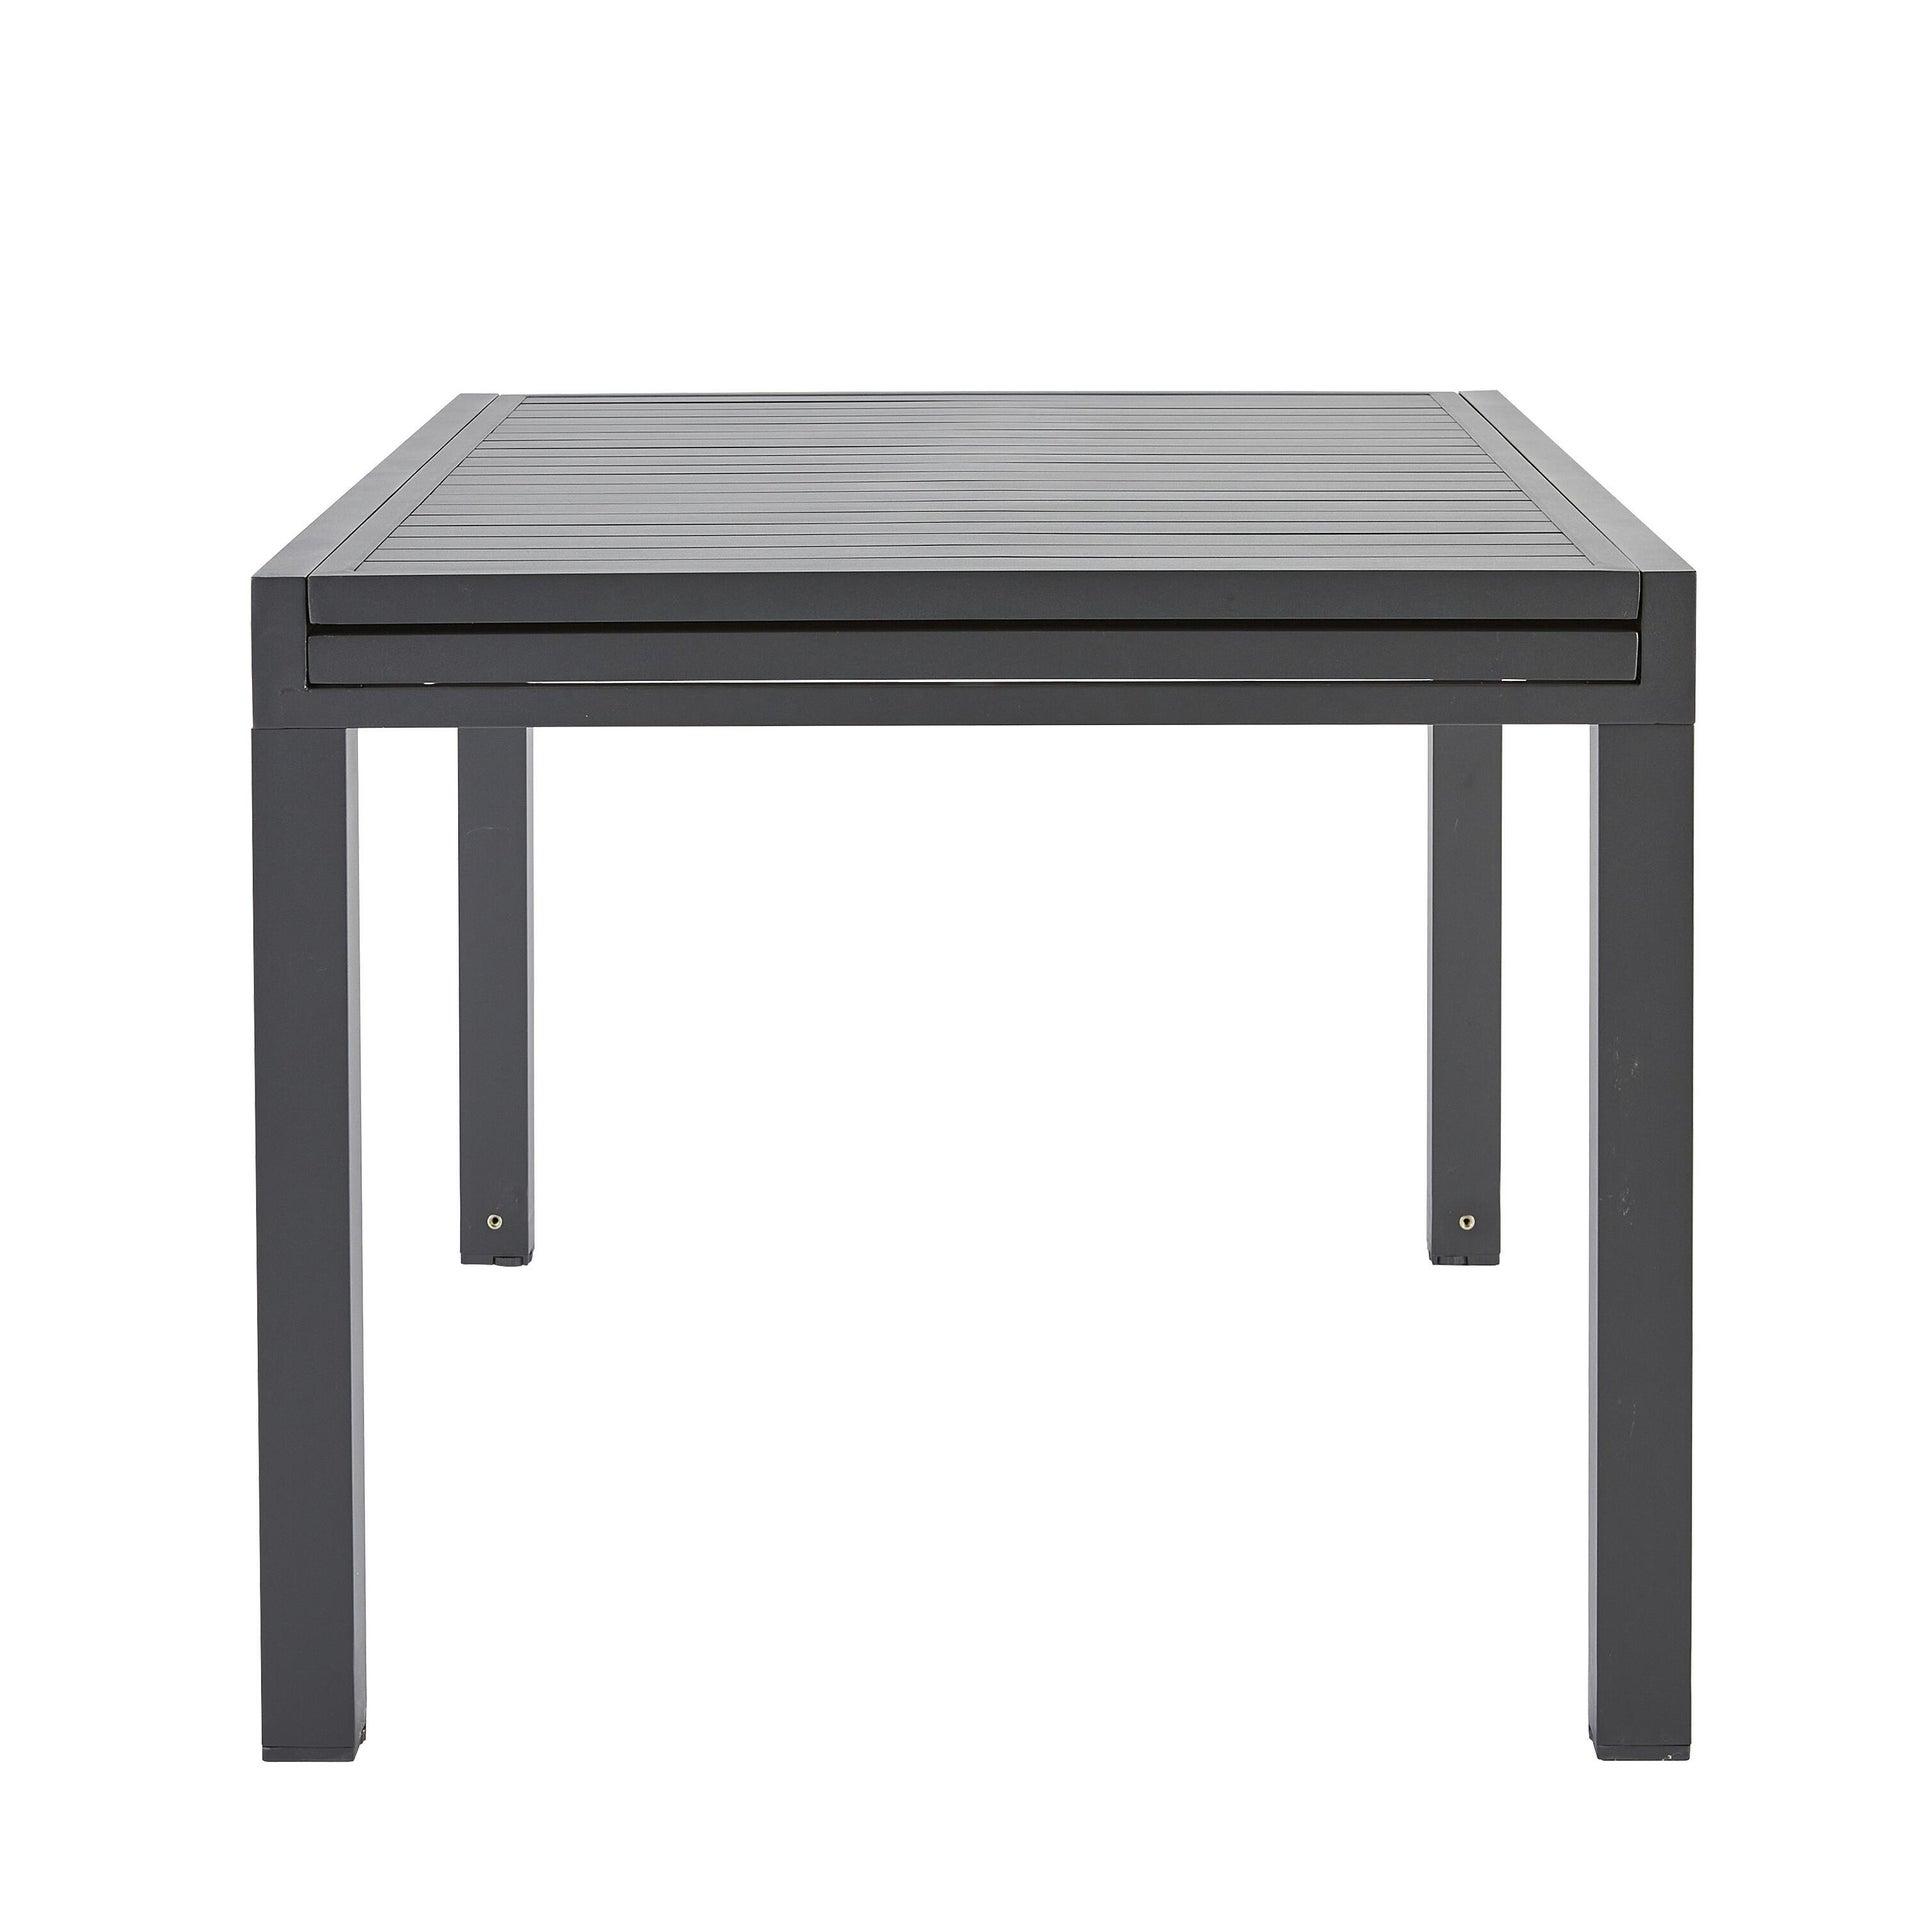 Tavolo da giardino allungabile rettangolare Lisbon con piano in alluminio L 135/270 x P 90 cm - 2